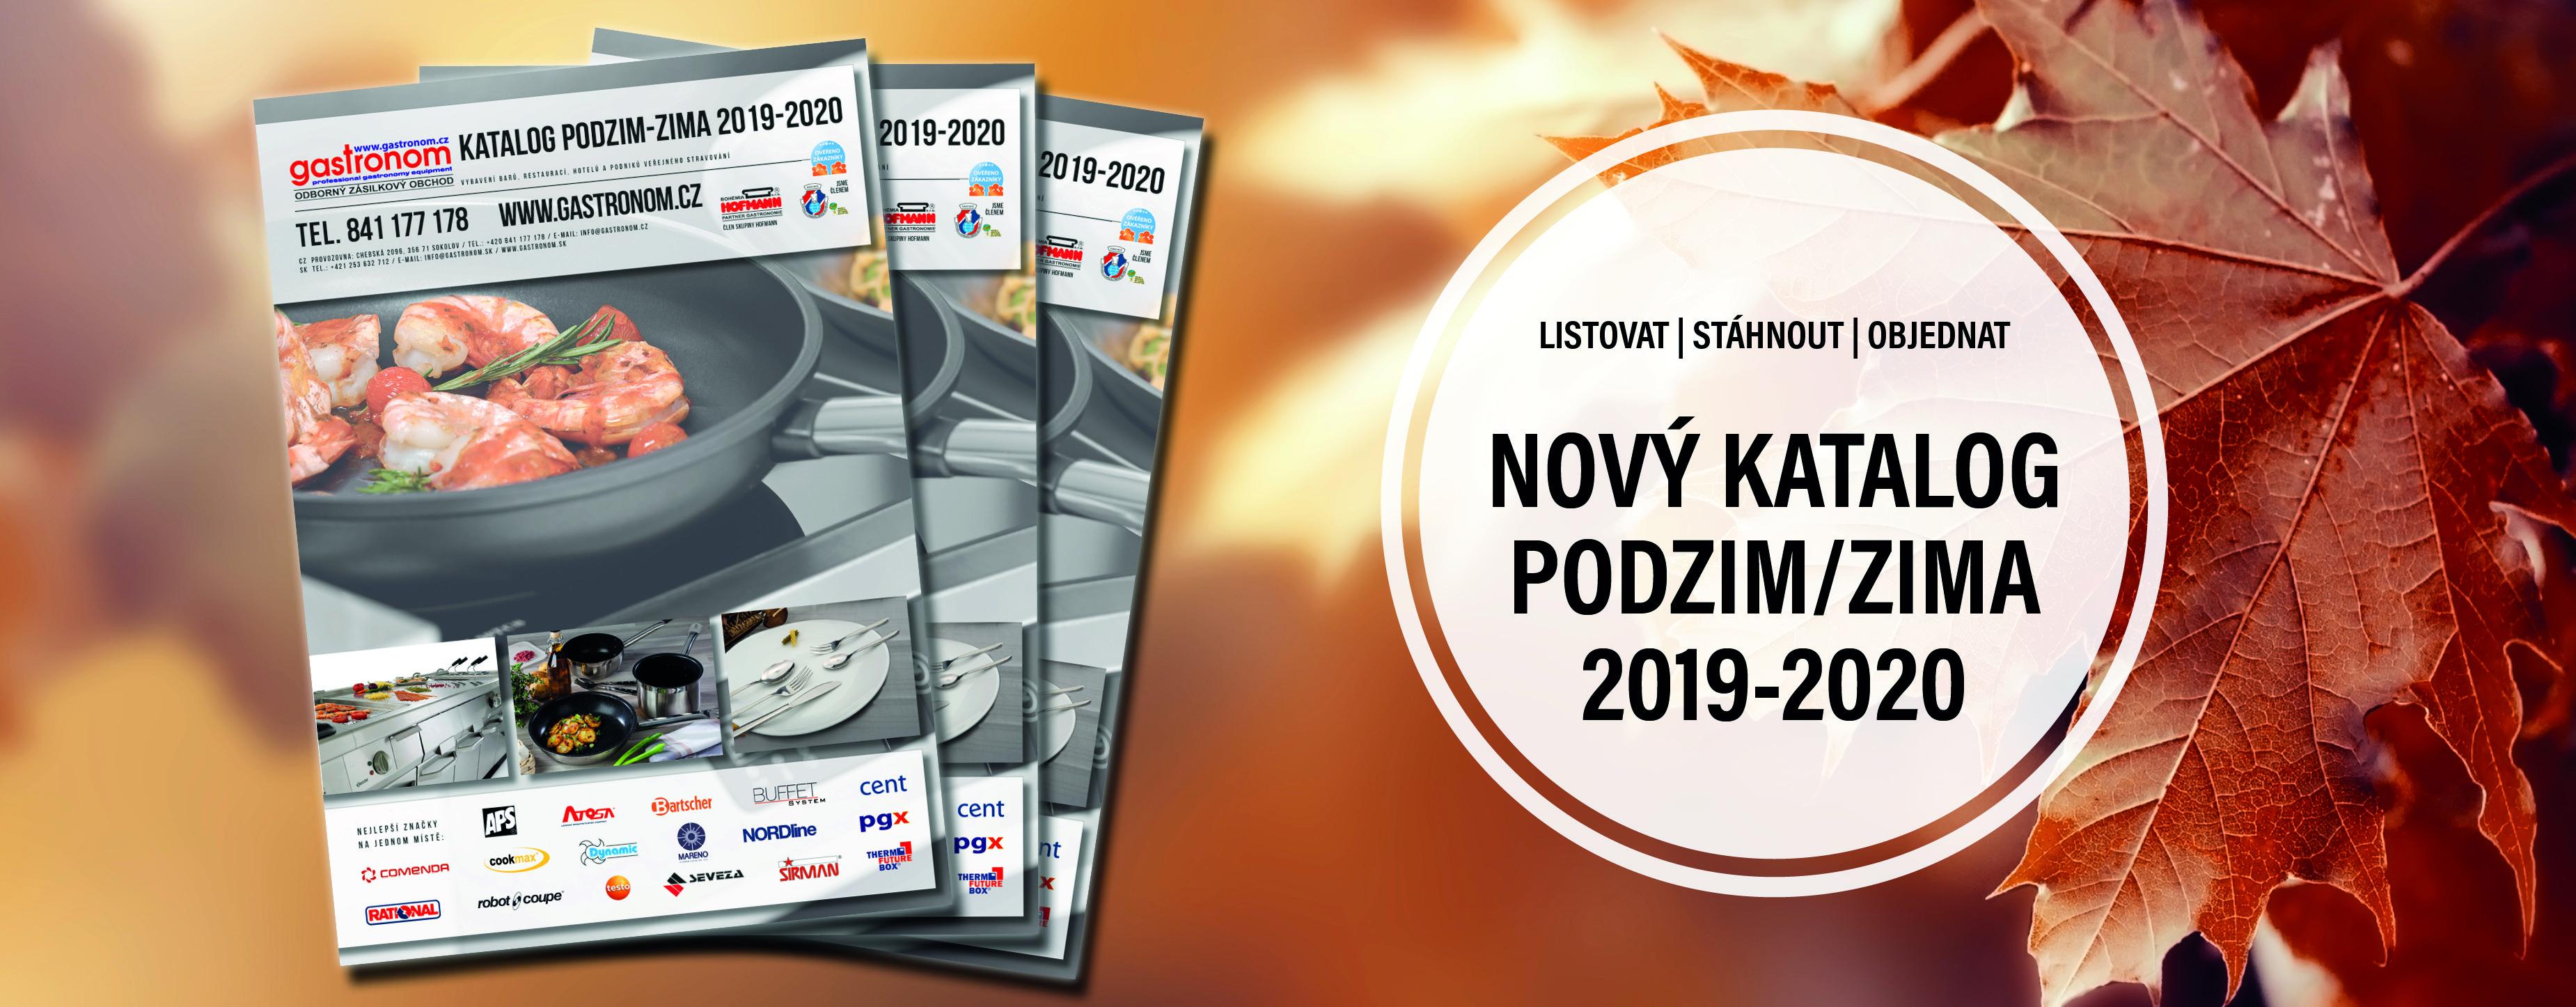 novy-katalog